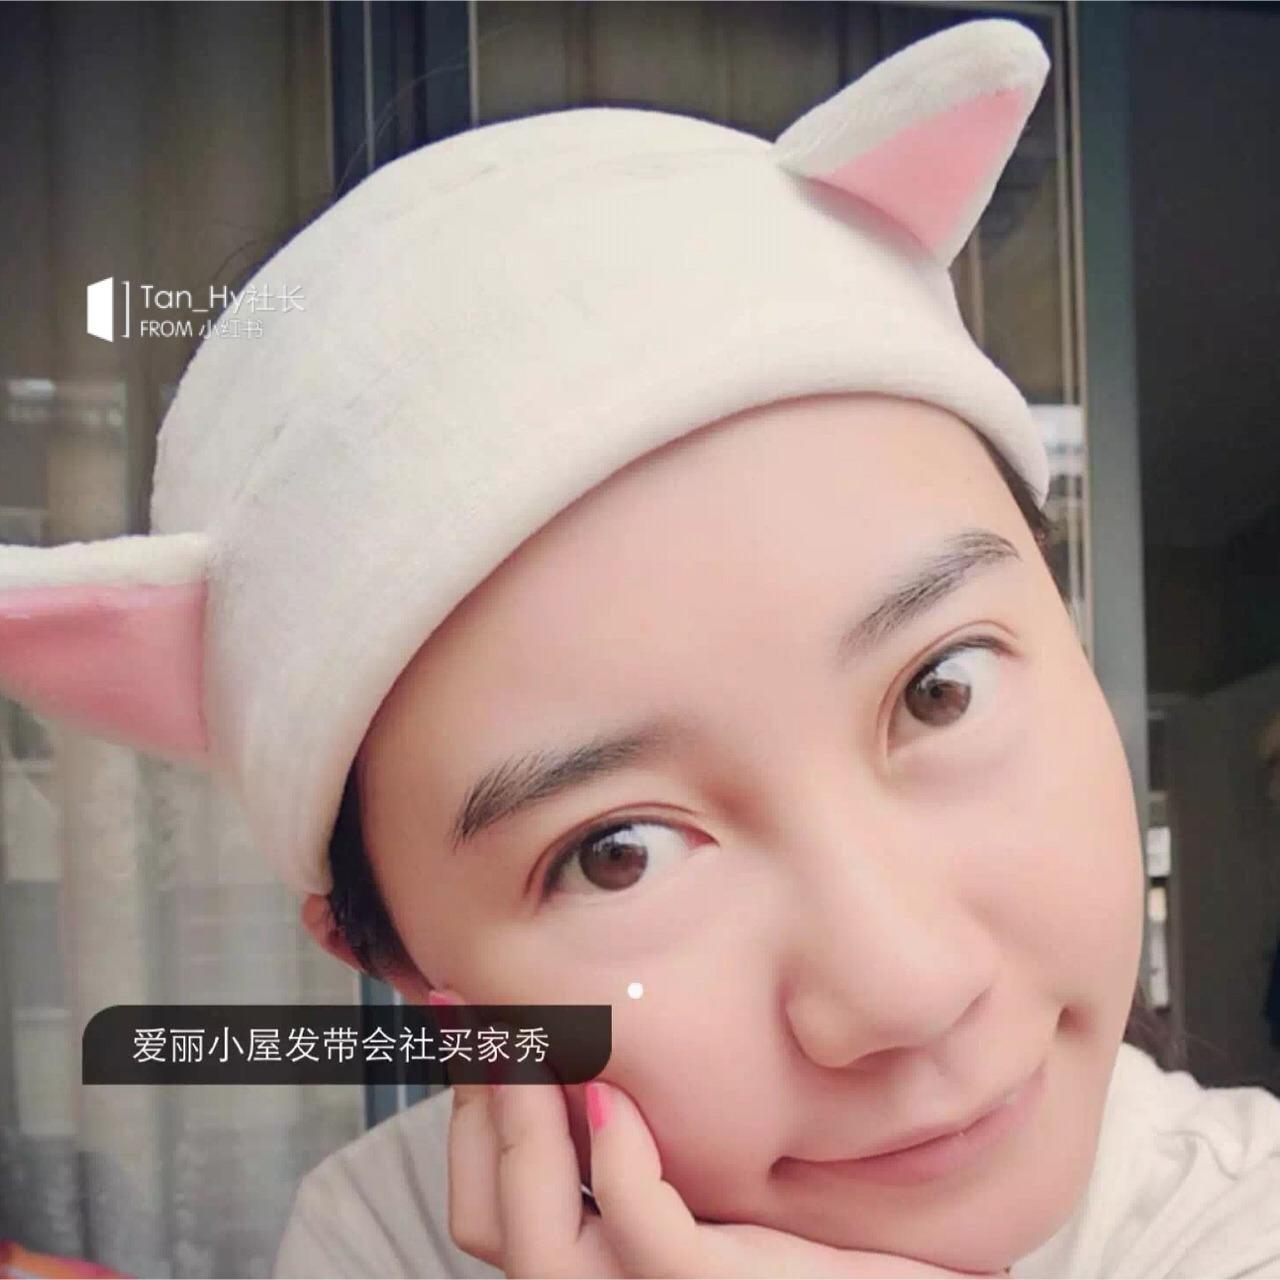 爱丽小屋可爱猫咪耳朵束发带,敷面膜洗脸是少不了的哦!!面料真是超级柔软、用起来方便且柔软, 重点是很可爱,少女心必备哦!!